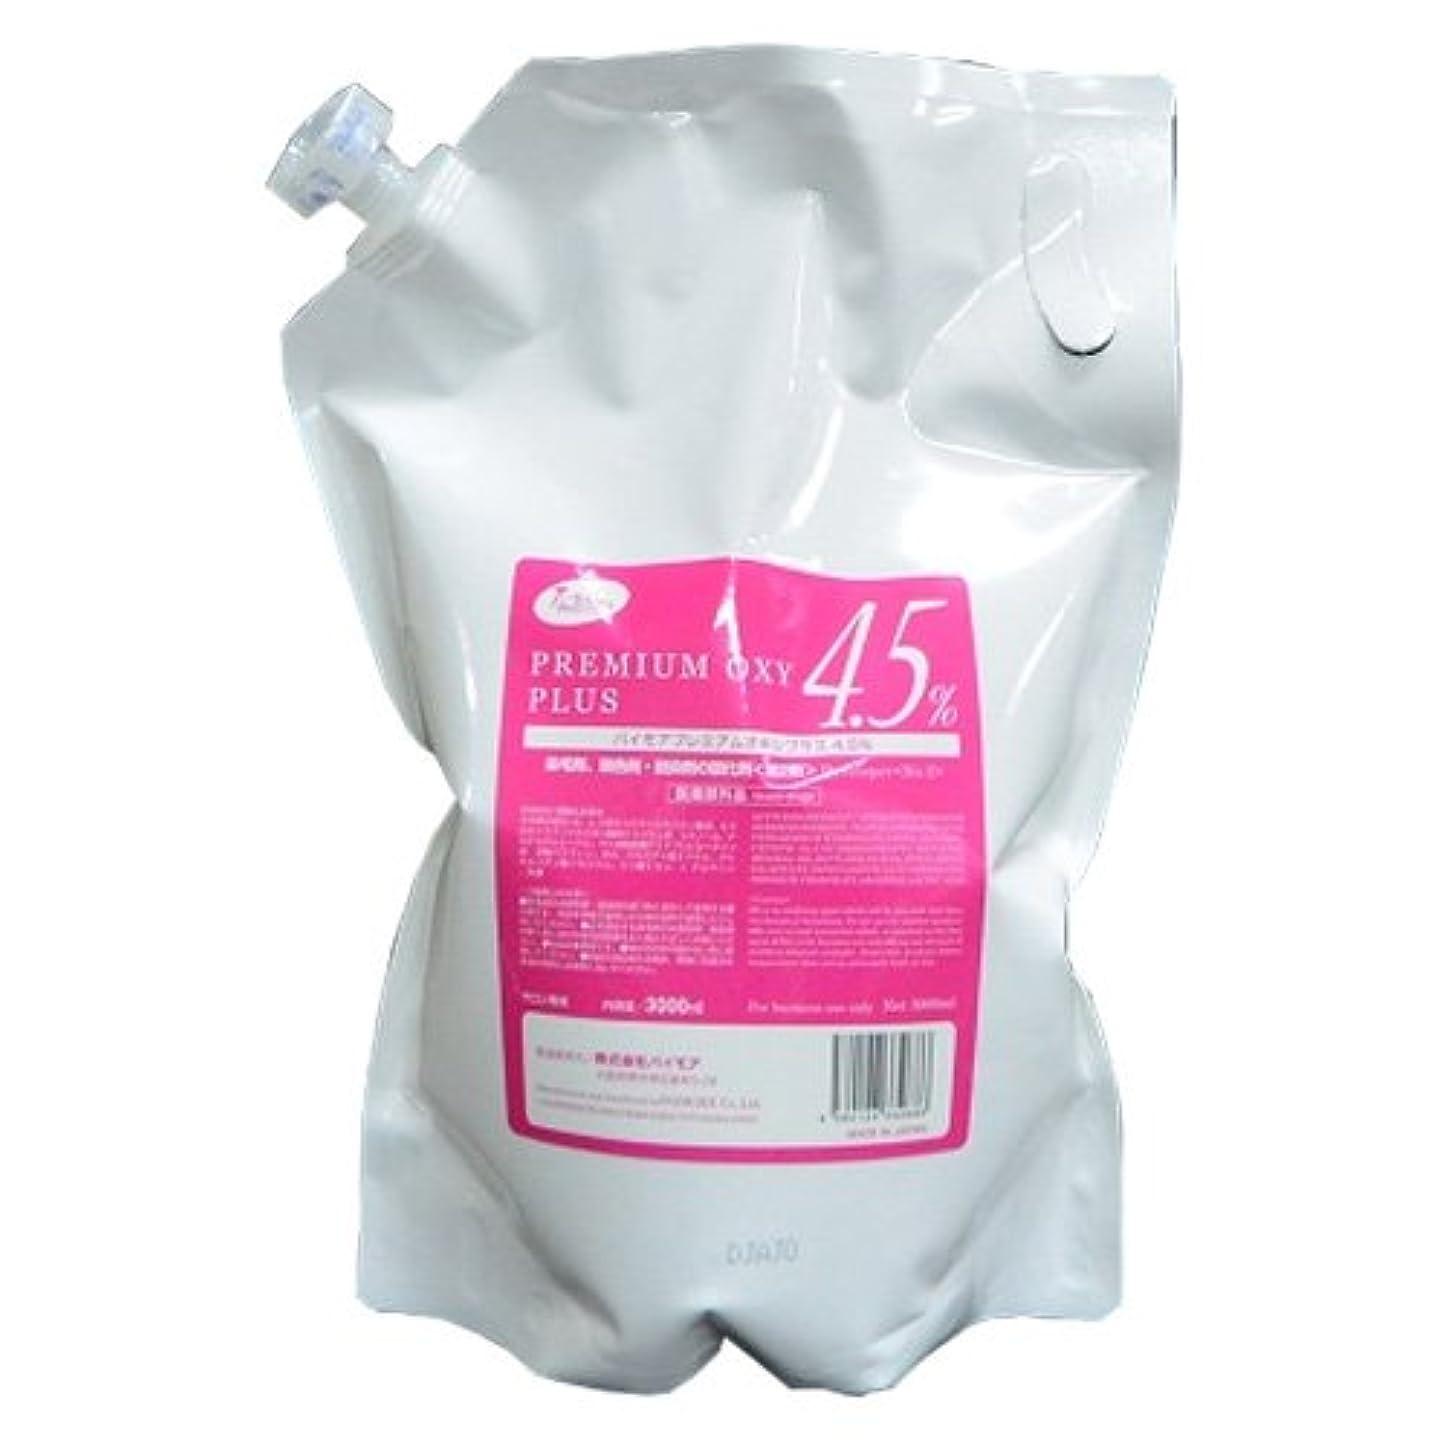 慣れる奇妙な辛なパイモア プレミアムオキシプラス 4.5%(レフィルタイプ) 3000ml [医薬部外品]